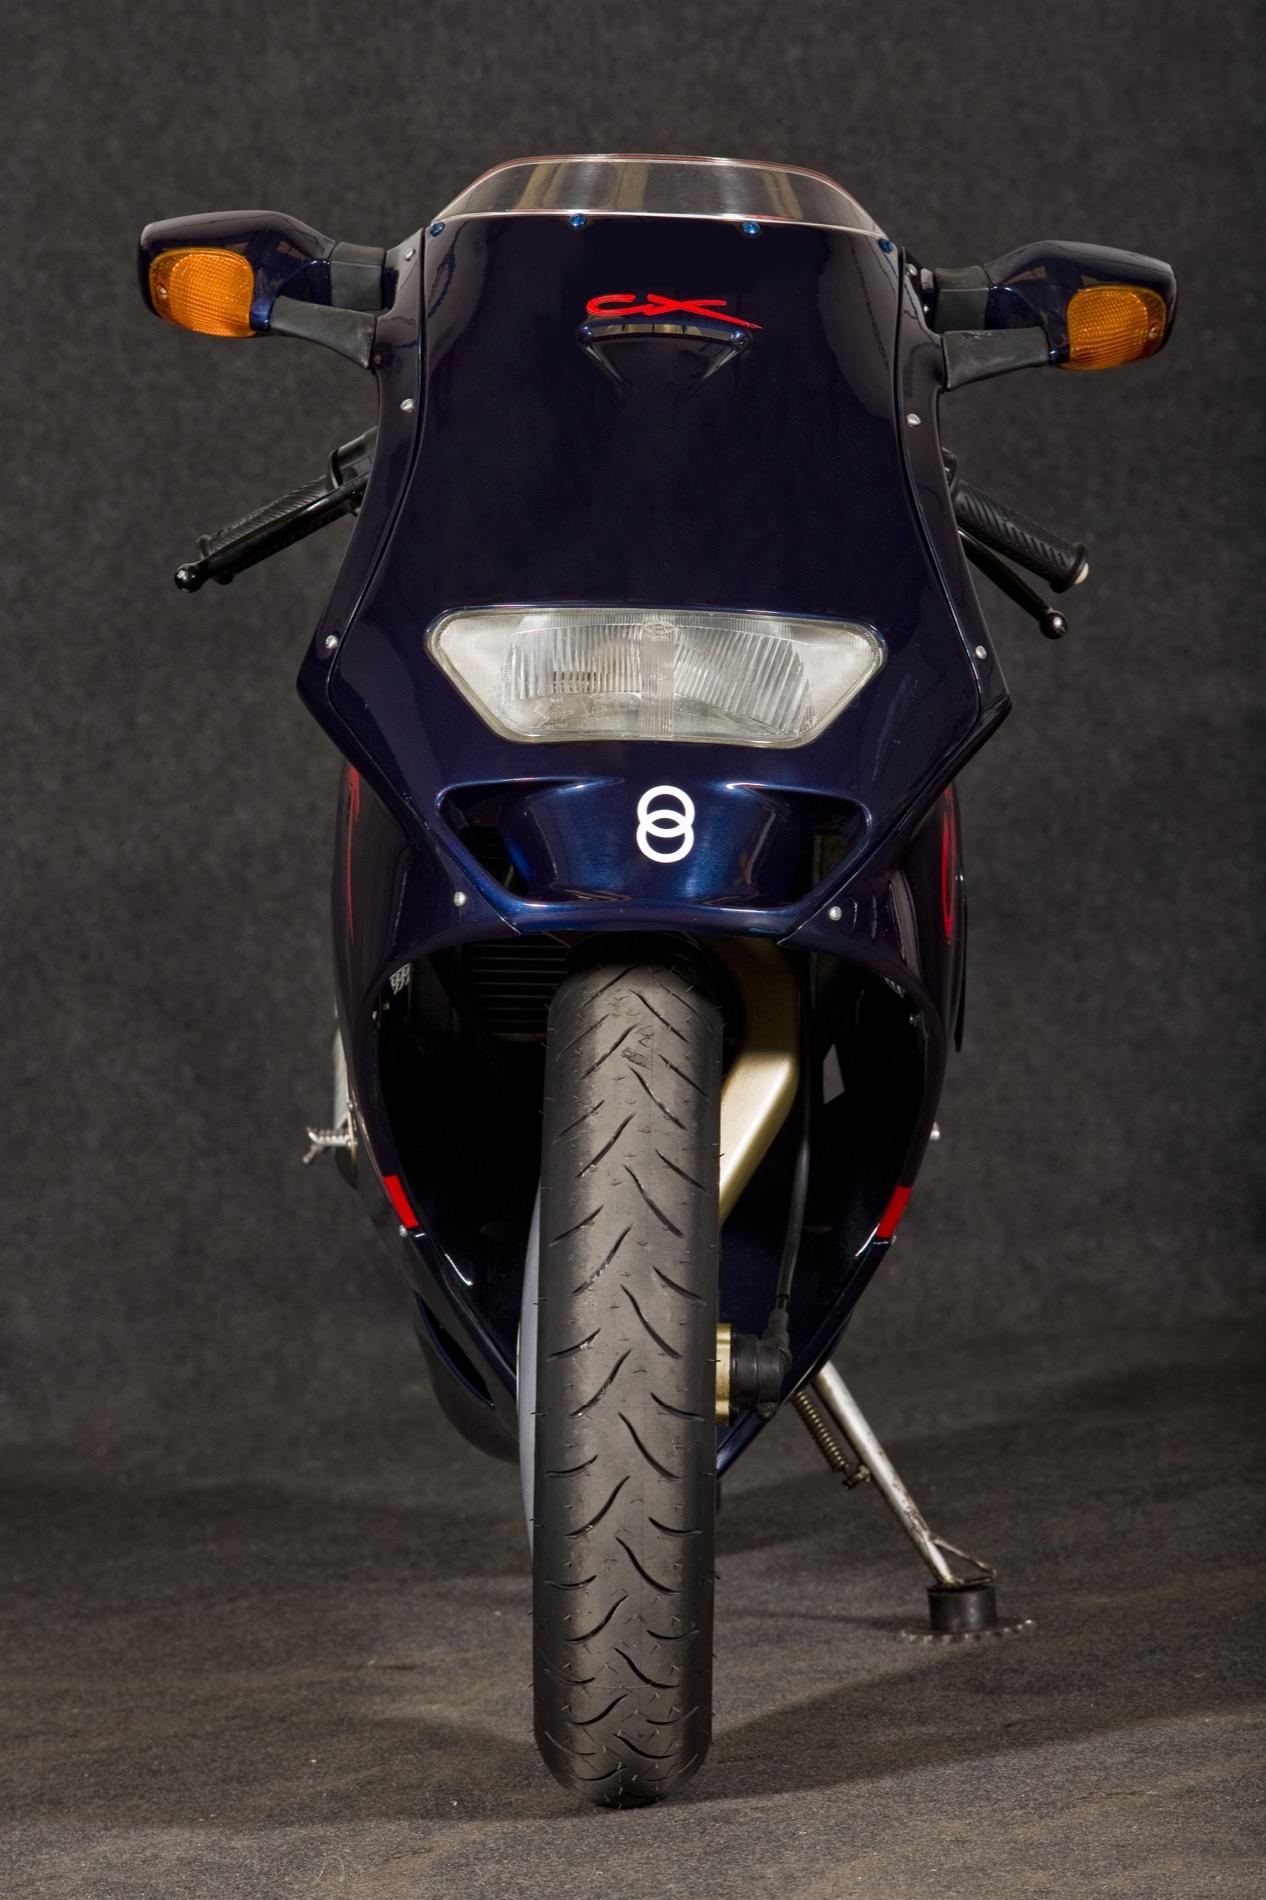 Gilera CX 1991, una show bike muy real